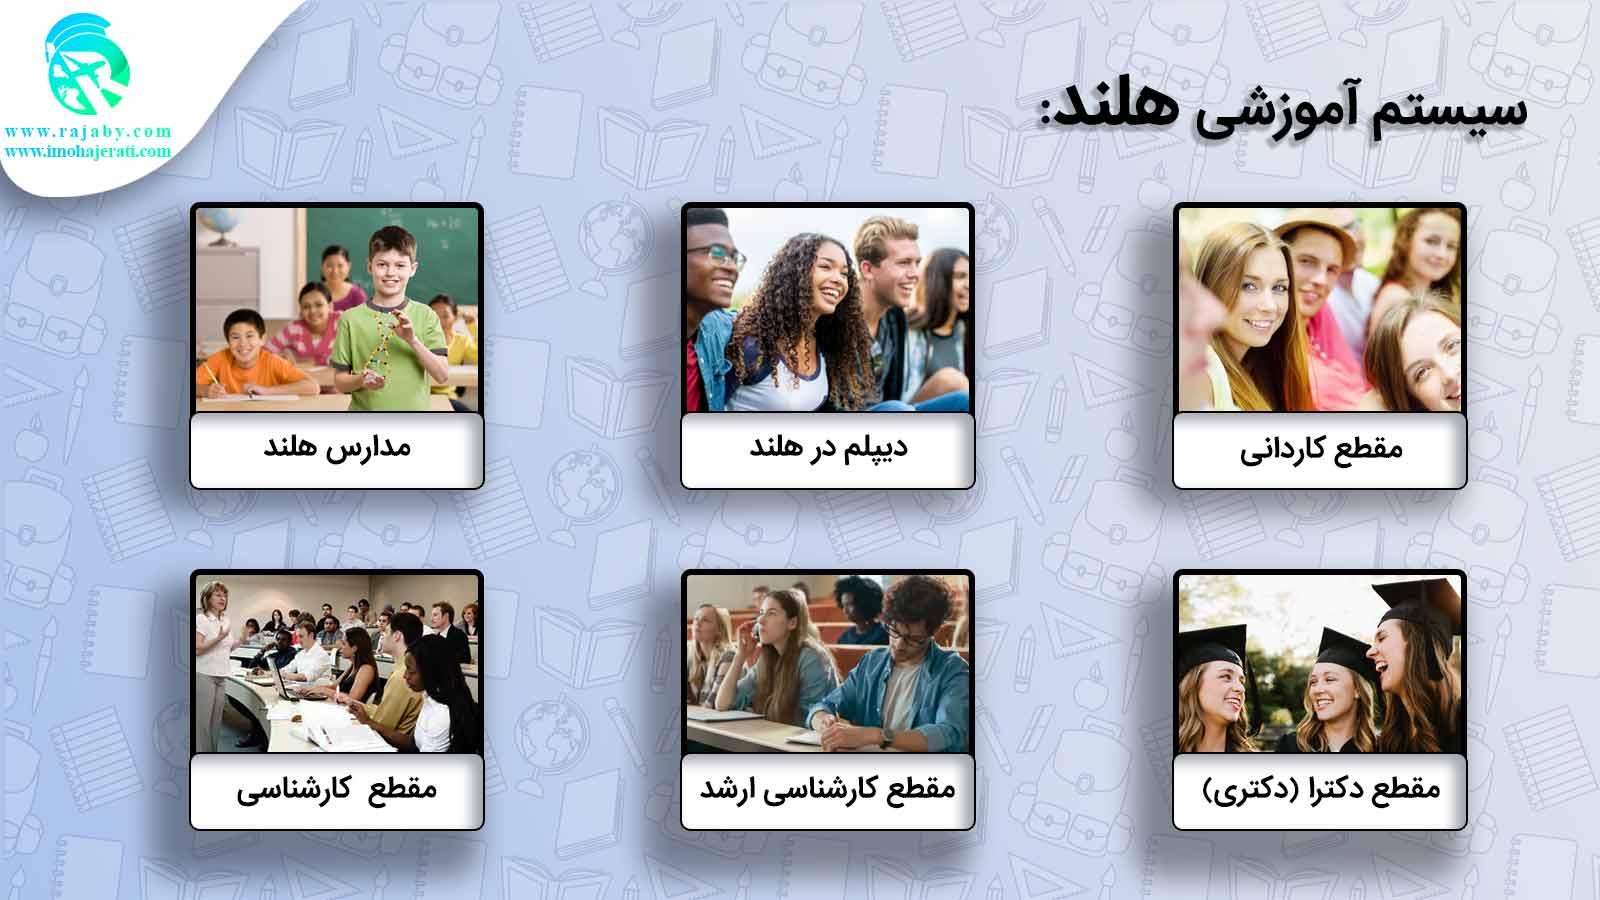 سیستم آموزشی هلند